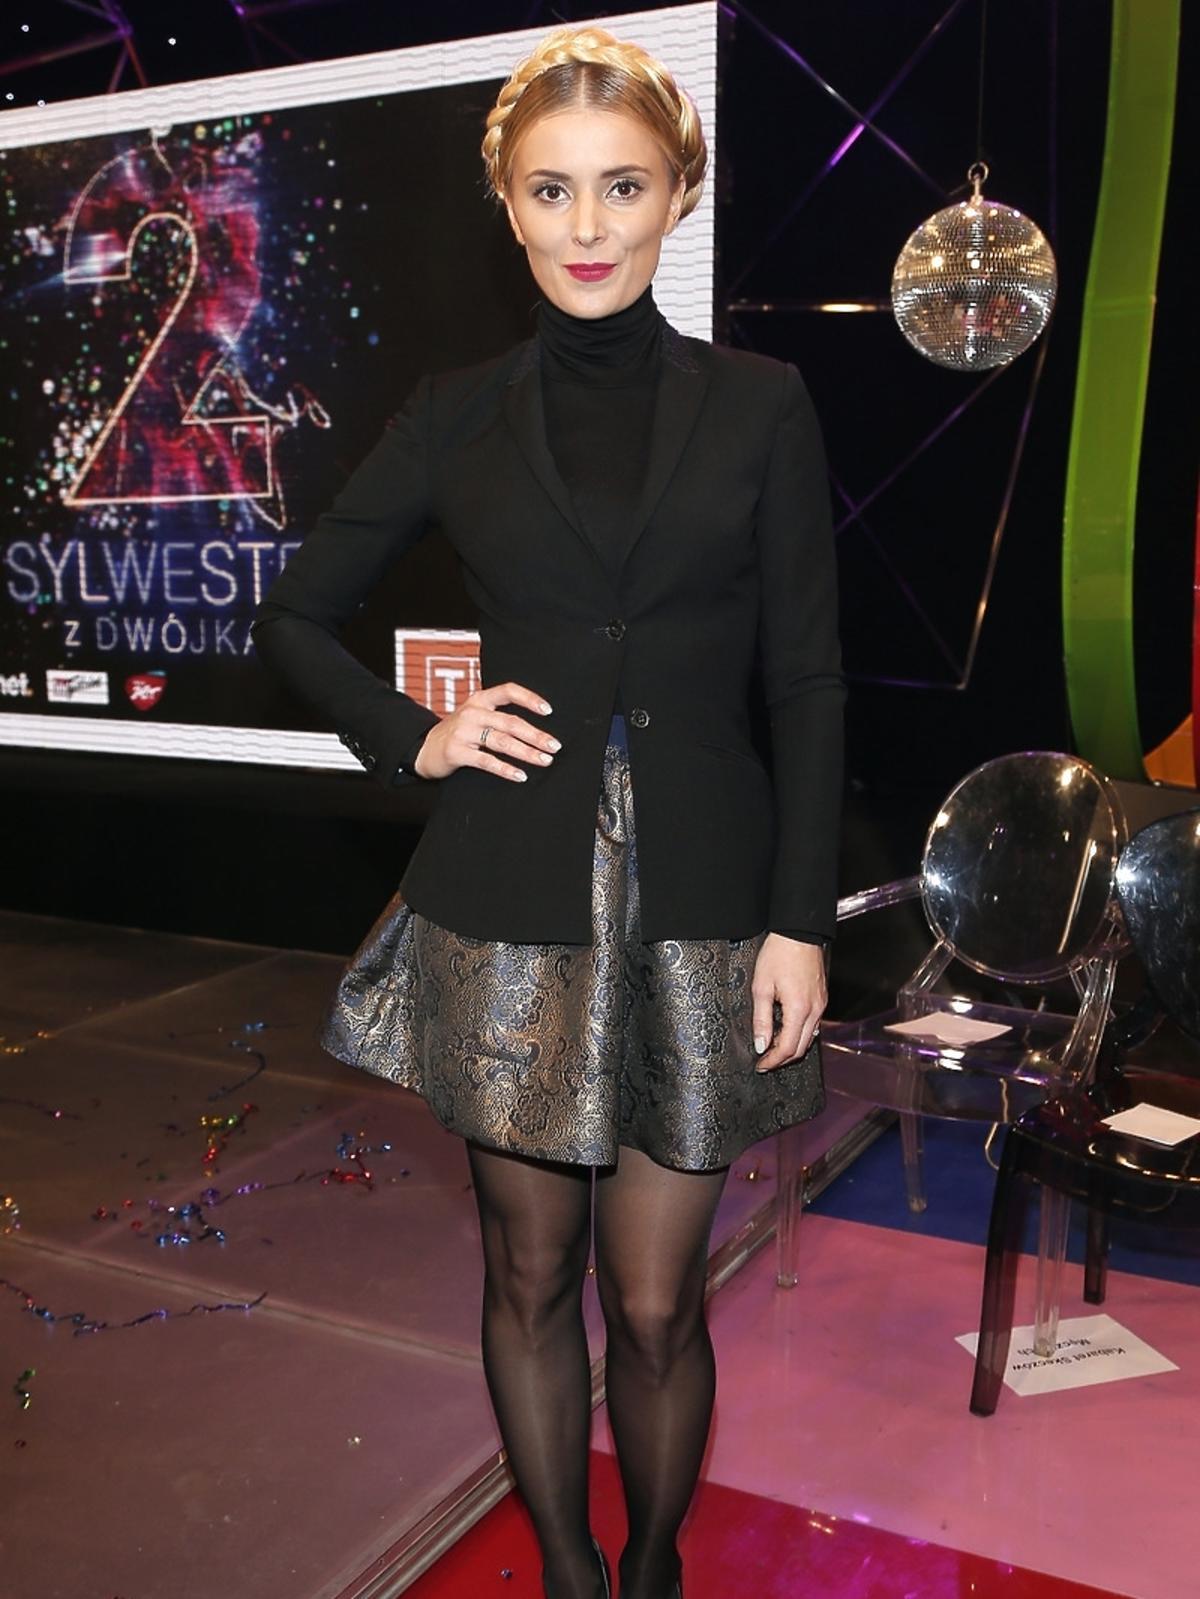 Halina Mlynkova na konferencji Sylwester z Dwójką we Wrocławiu 2014/2015